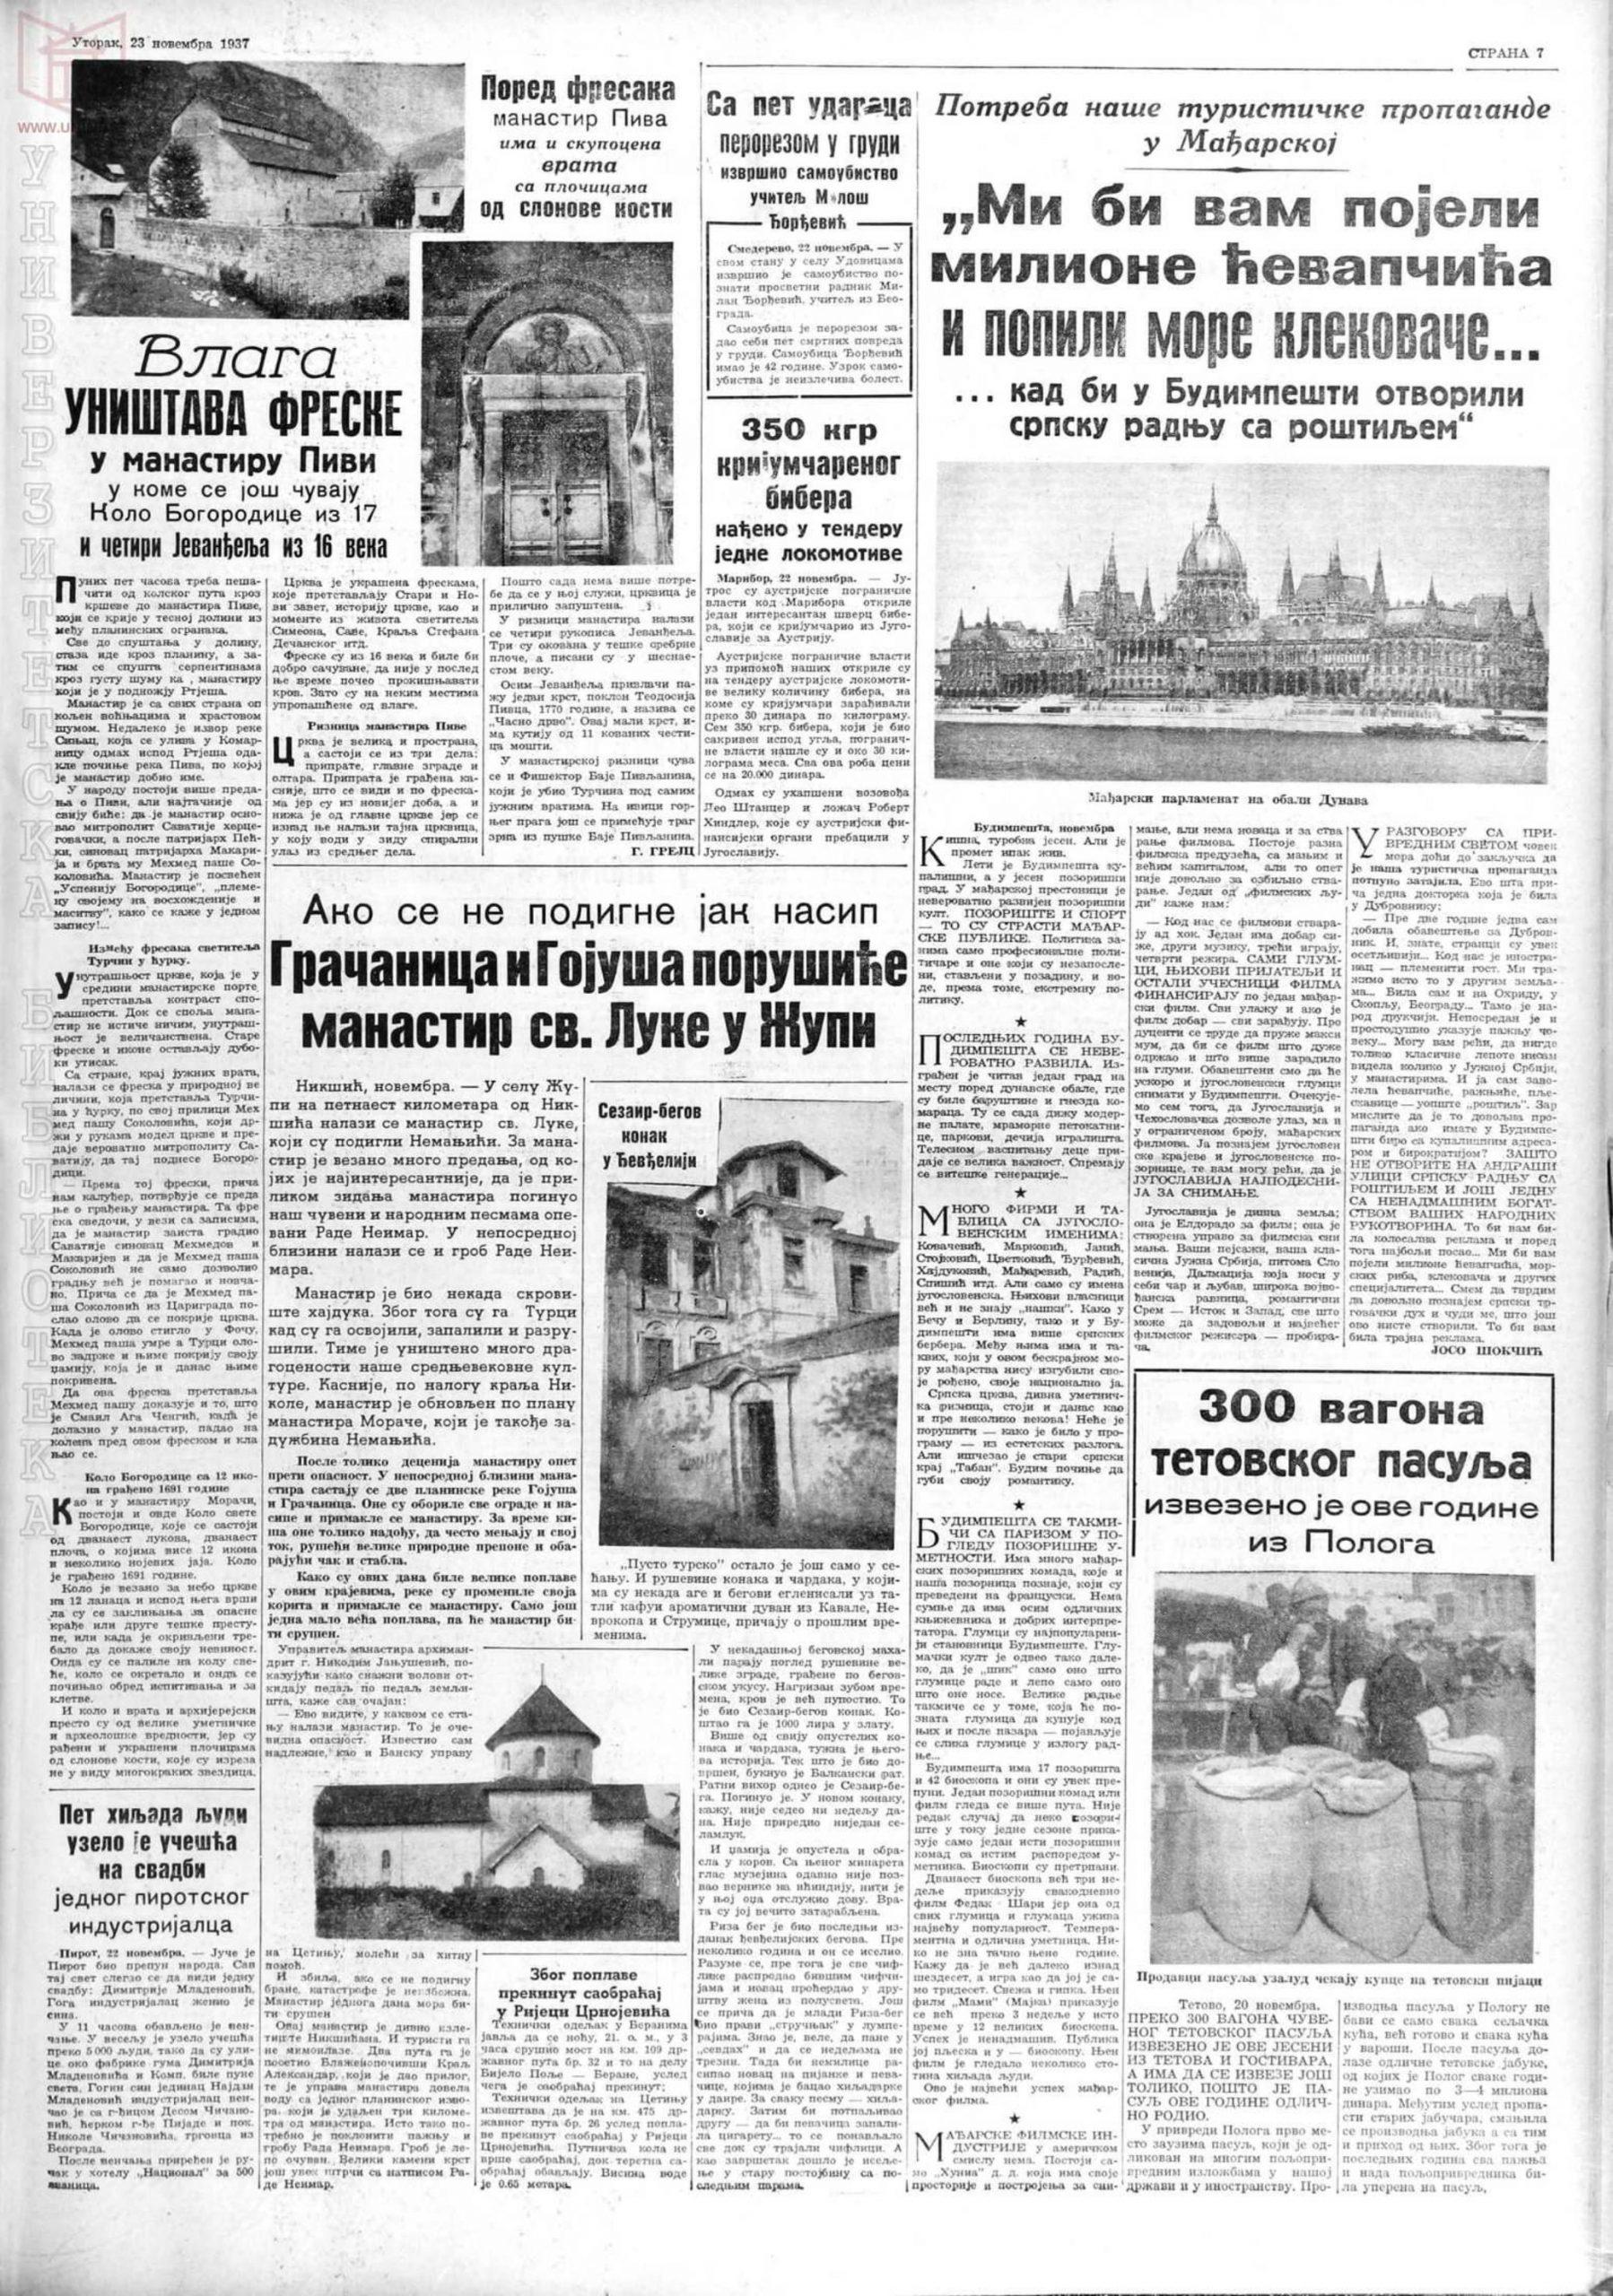 Vreme 1937-11-23 p7-1